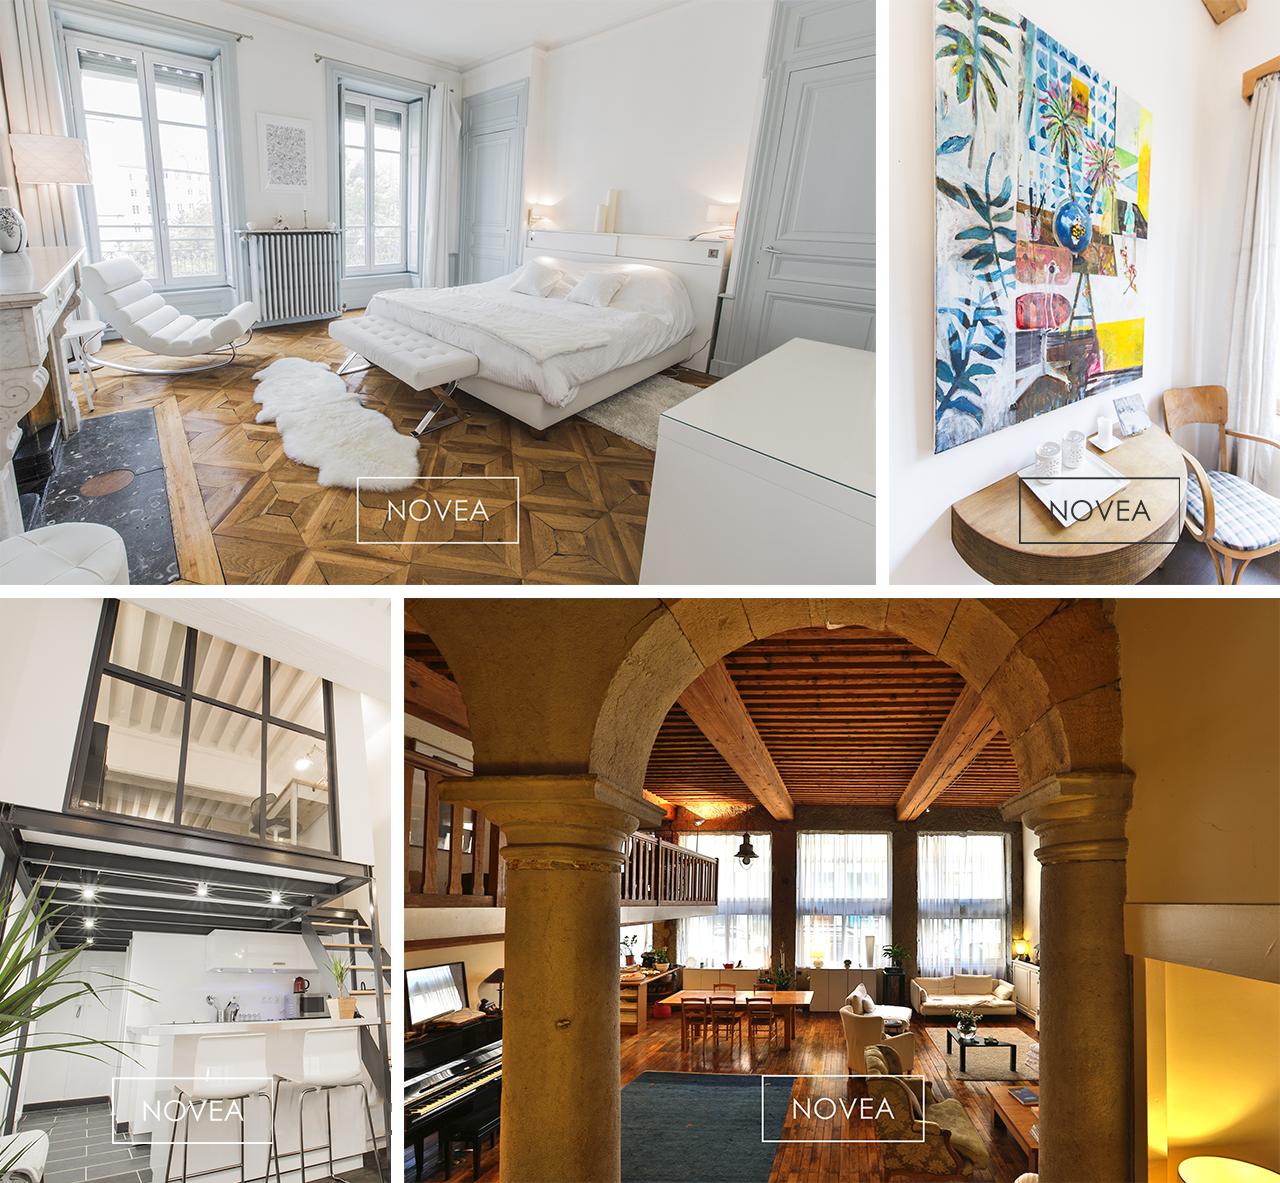 agence novea immobilier lyon 4 lyon 1 croix rousse. Black Bedroom Furniture Sets. Home Design Ideas